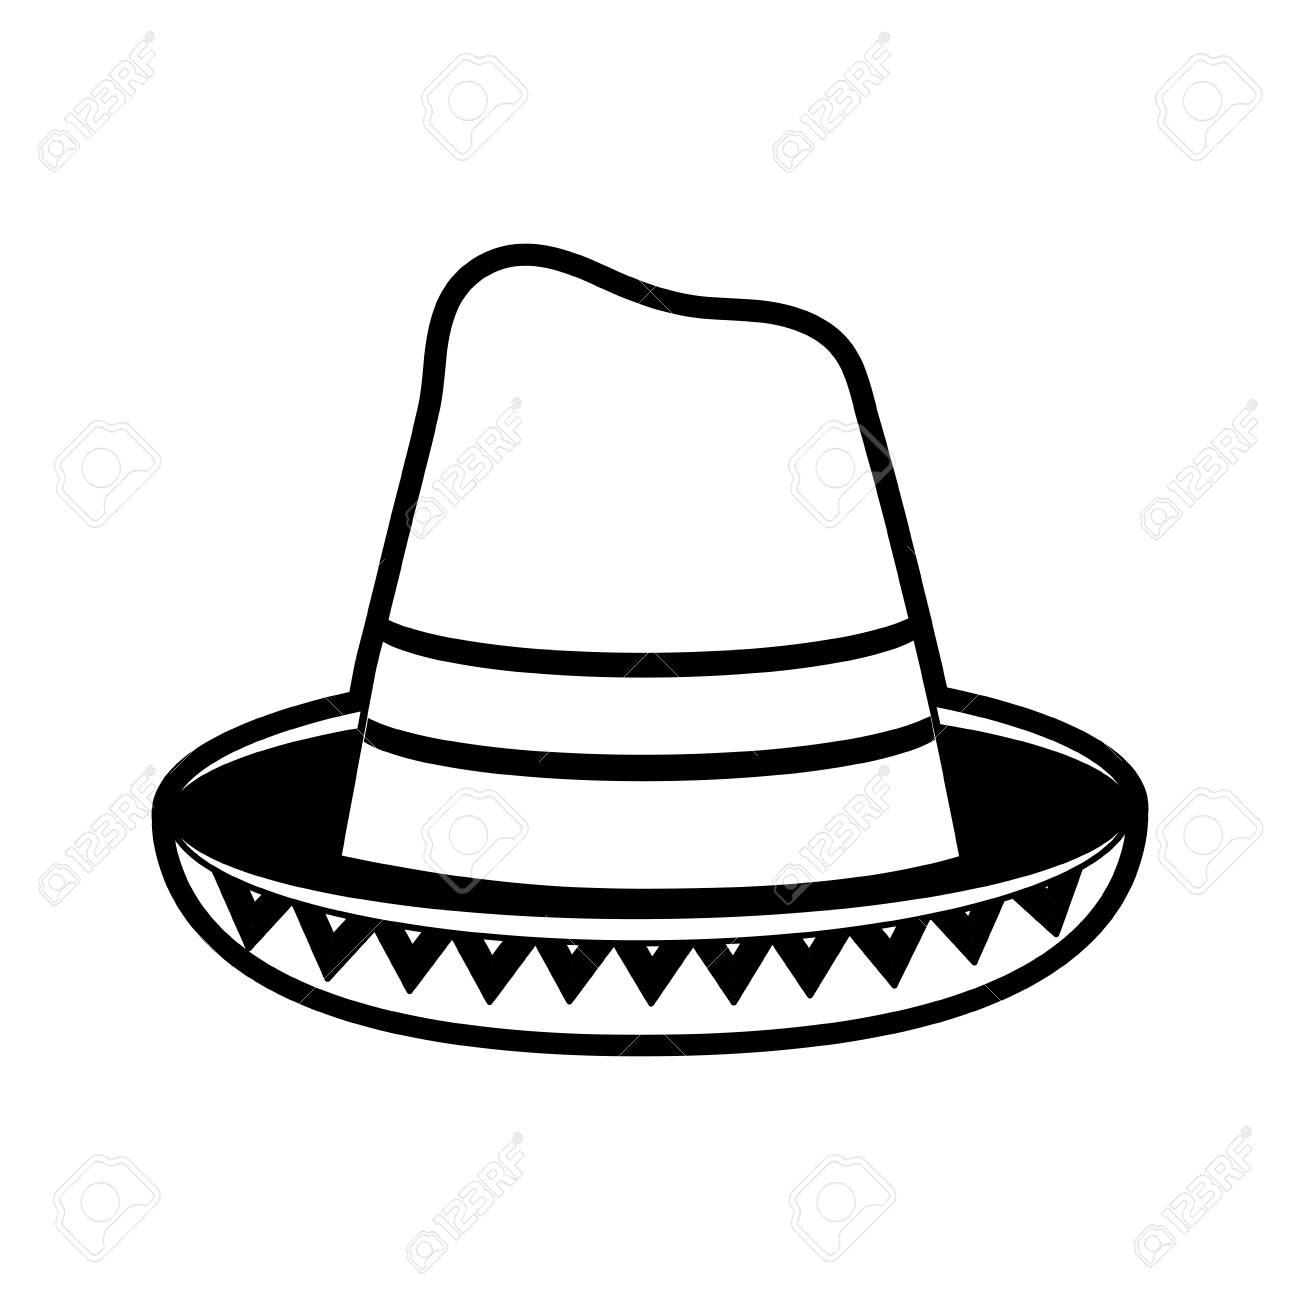 Sombrero tradicional cultura mexicana icono imagen vector ilustración  diseño en blanco y negro Foto de archivo f17b515d6e0